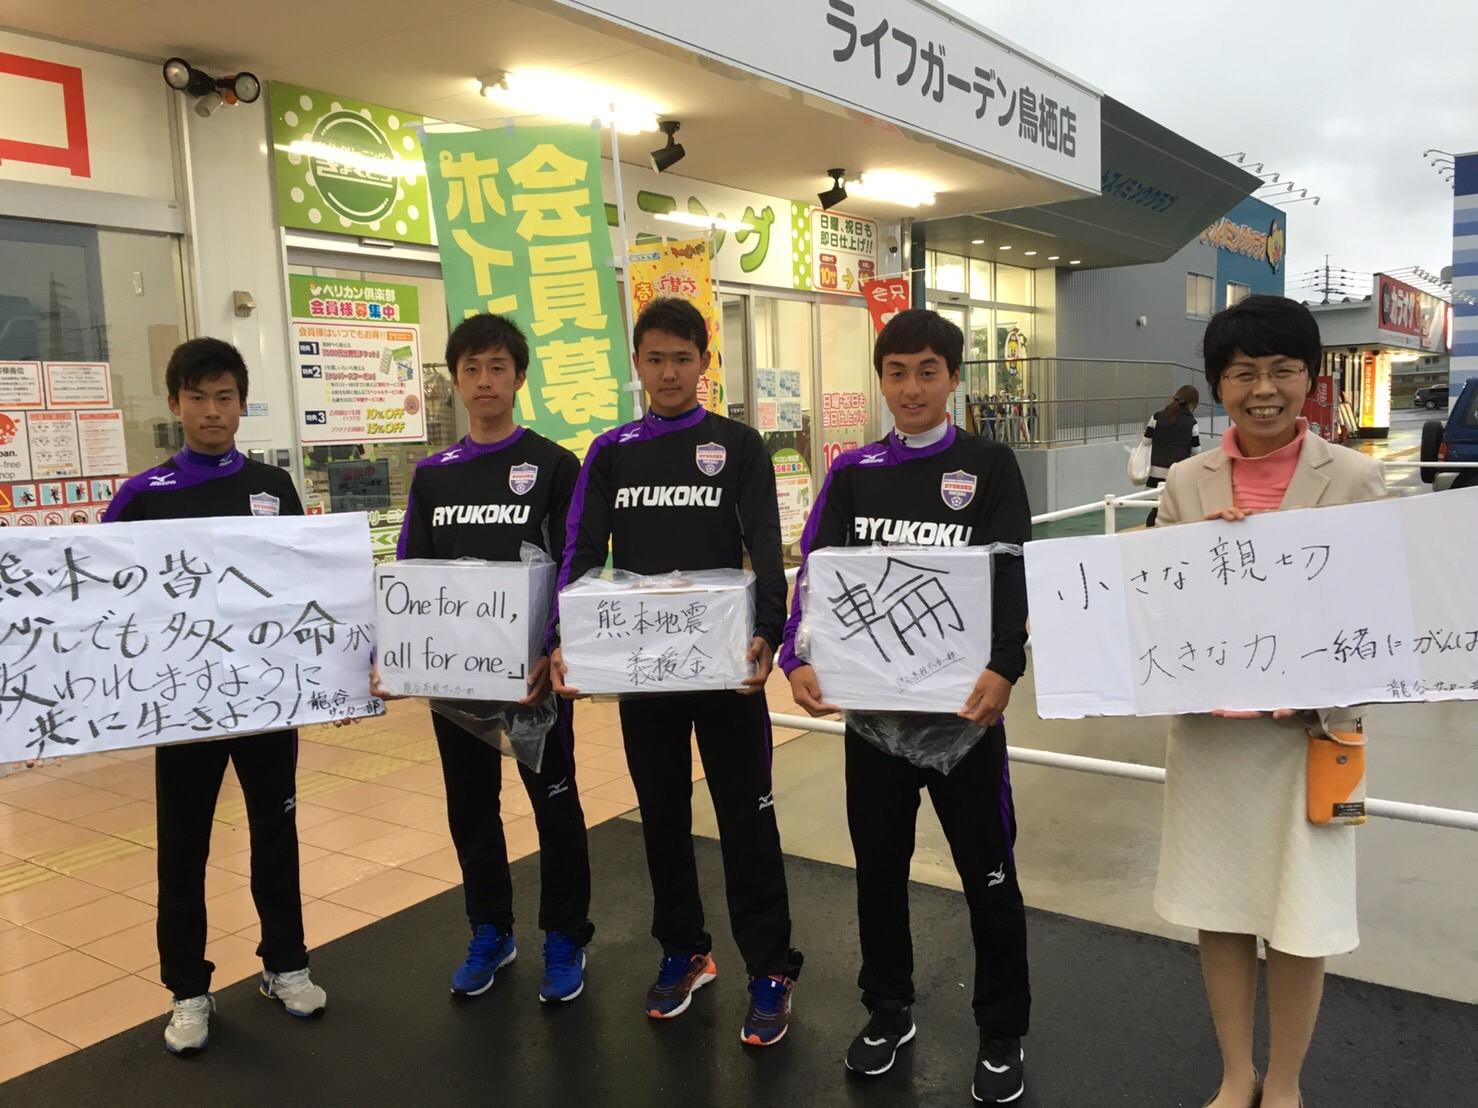 熊本震災支援活動31